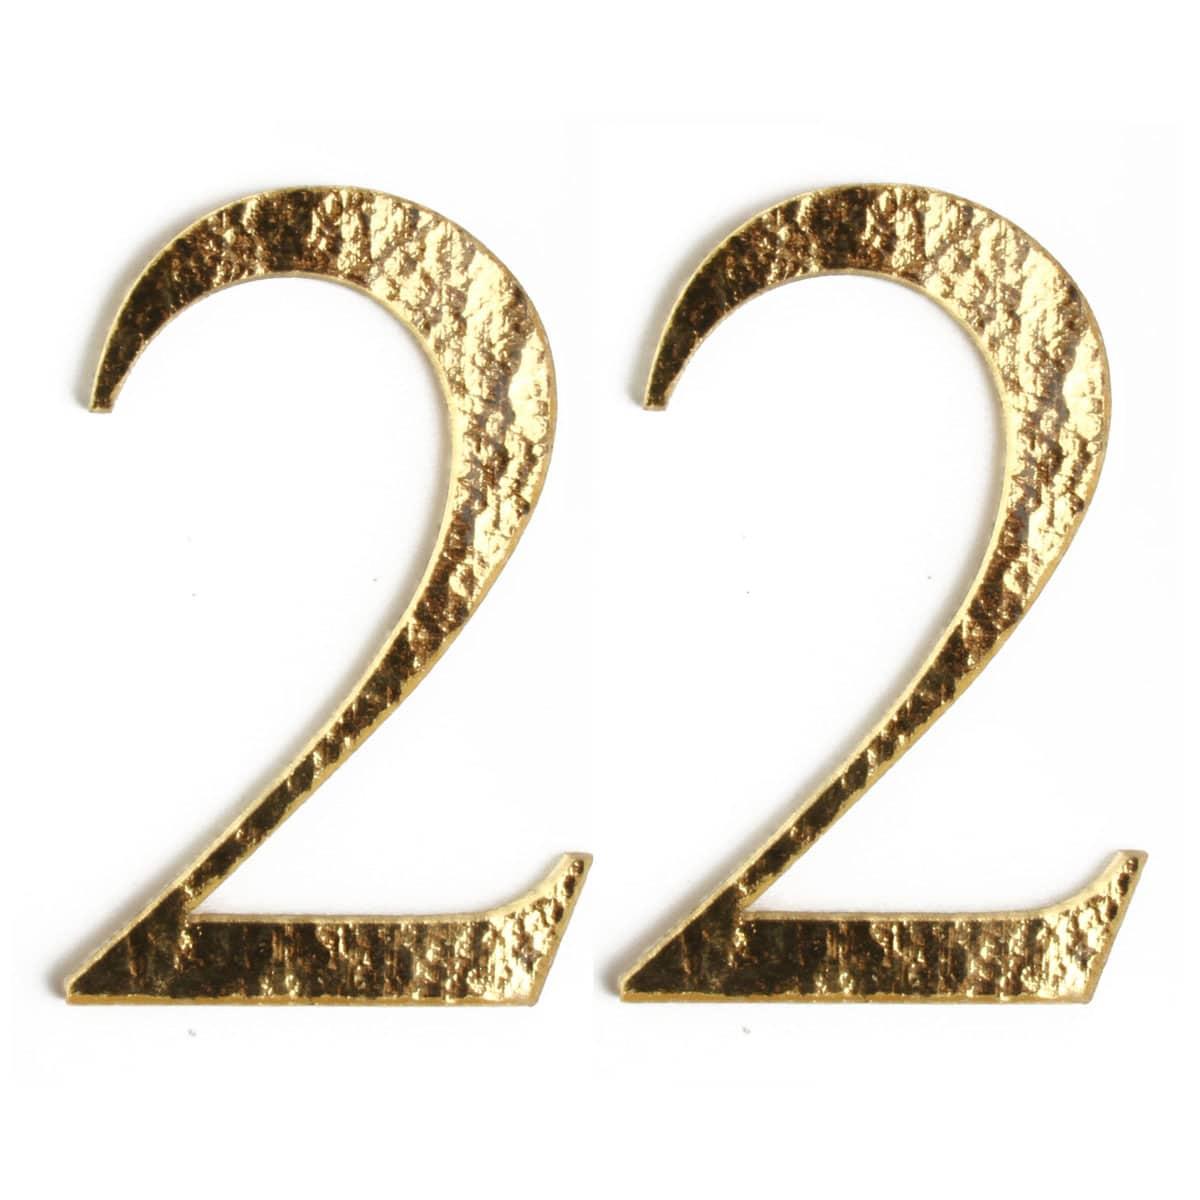 numero-civico-cifre-dorato1